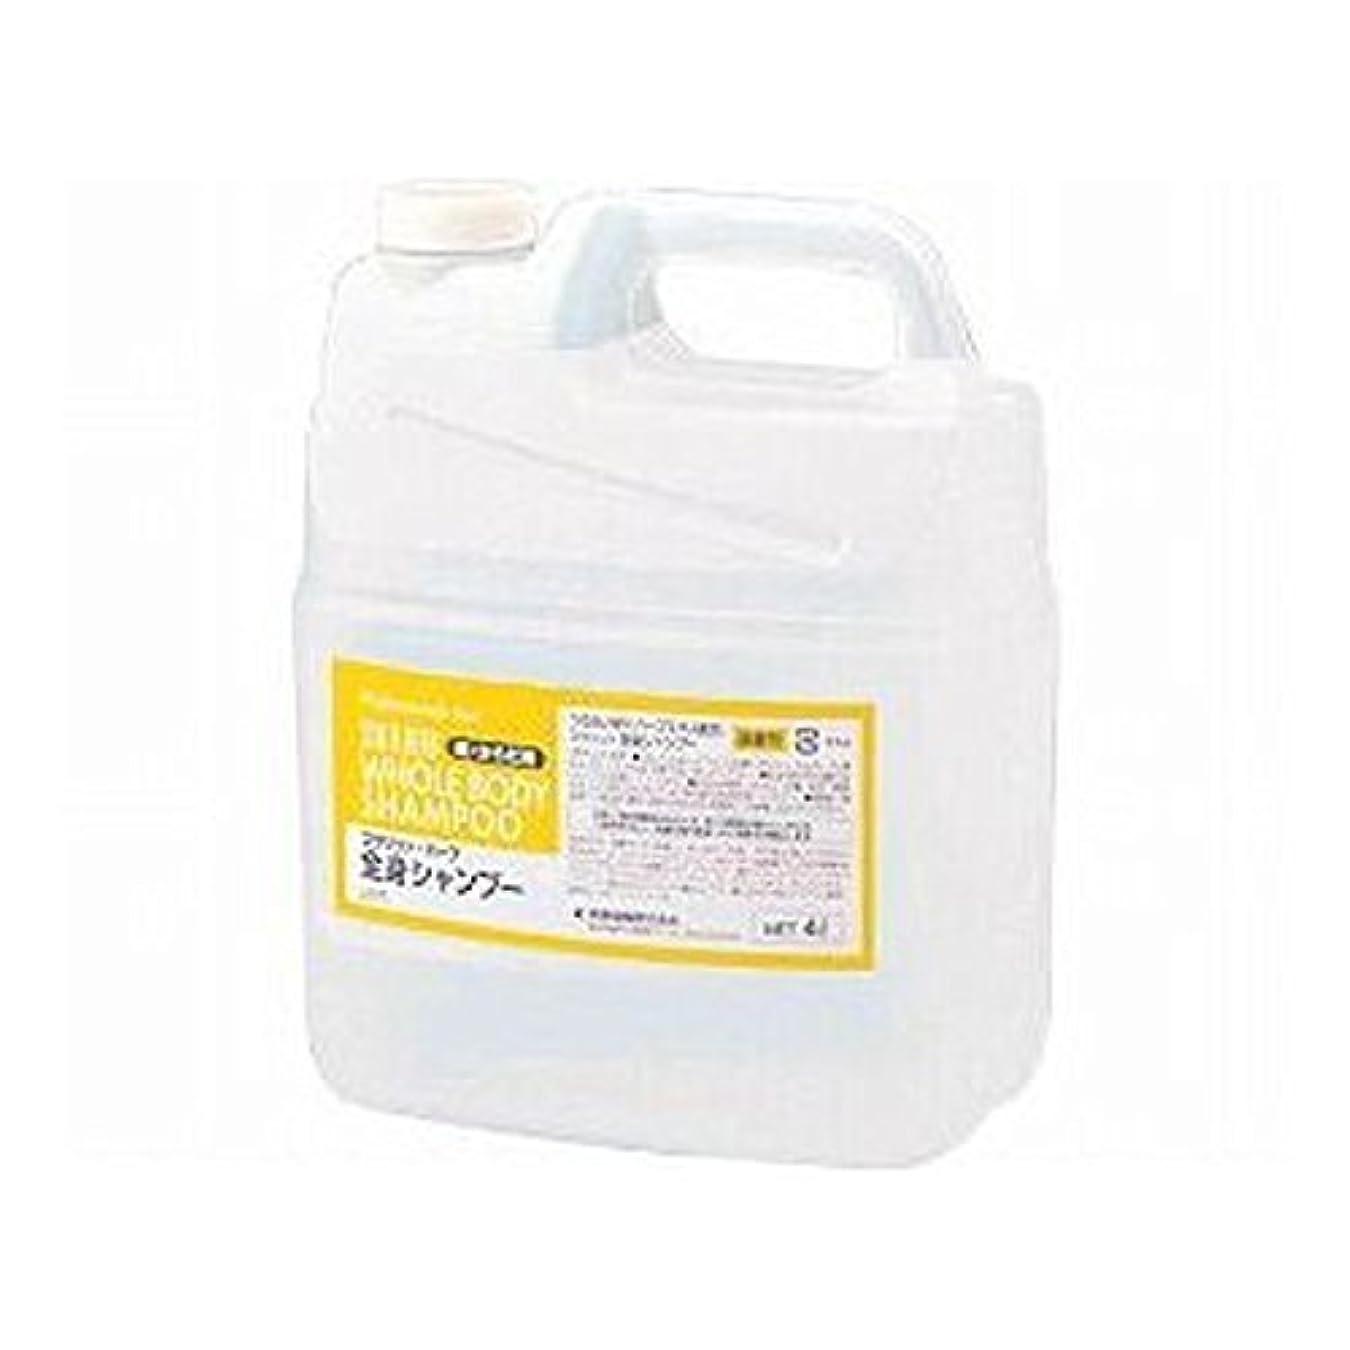 道路を作るプロセス赤例外熊野油脂 業務用 SCRITT(スクリット) 全身シャンプー 4L